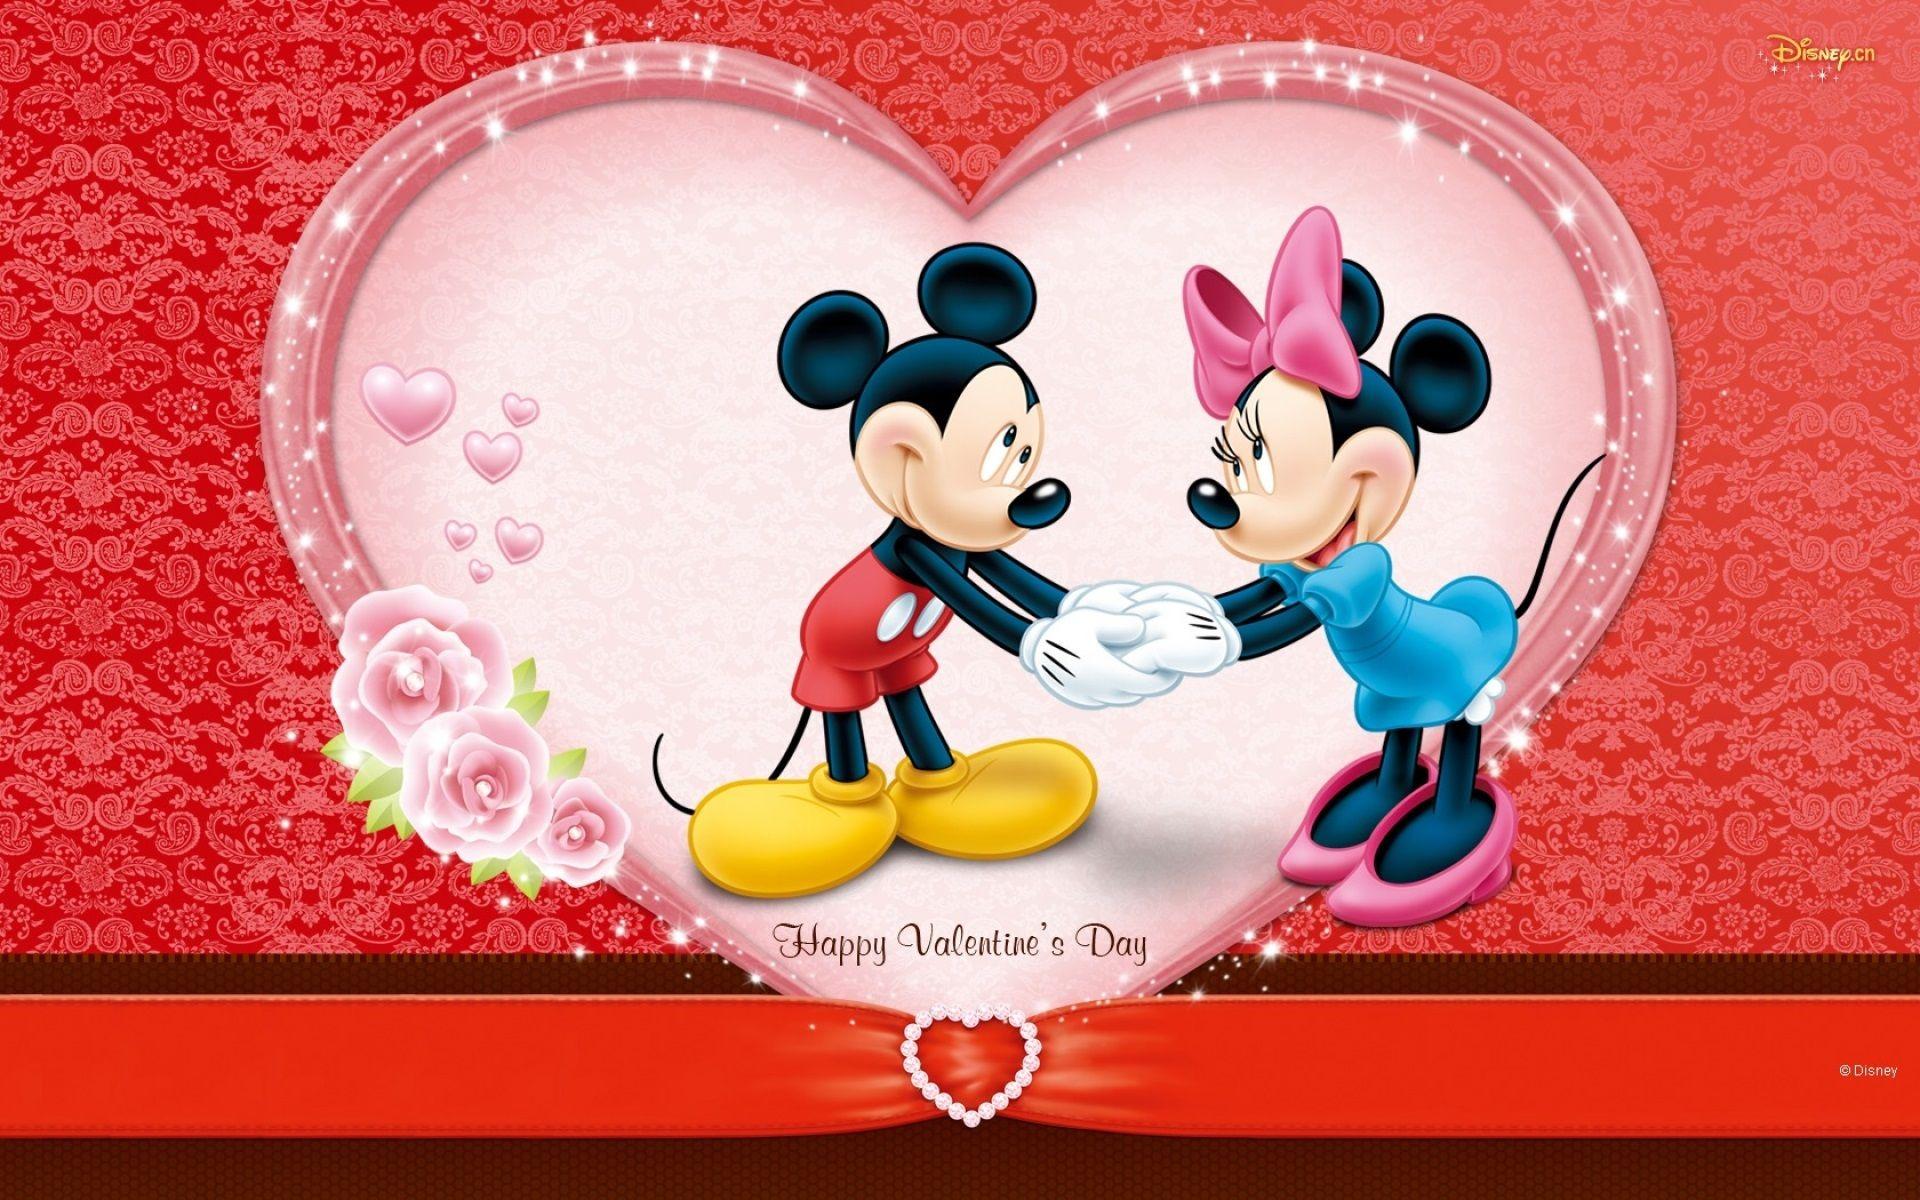 Great Wallpaper Disney Valentines - 52b6b67f174ec150faada1bc86875752  HD_55662 .jpg